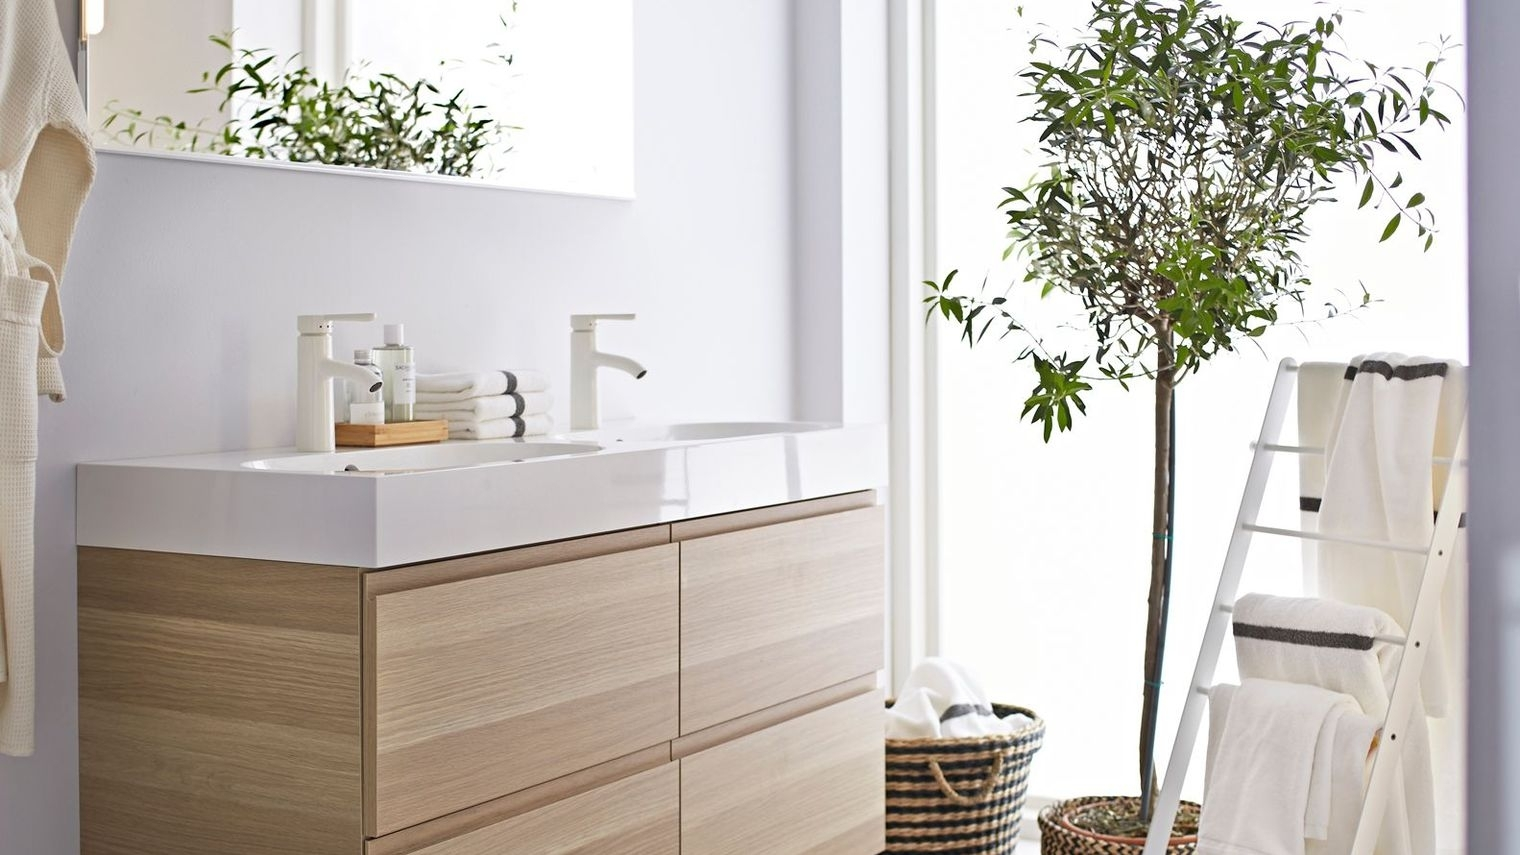 Тренды в дизайне интерьера ванной 2019